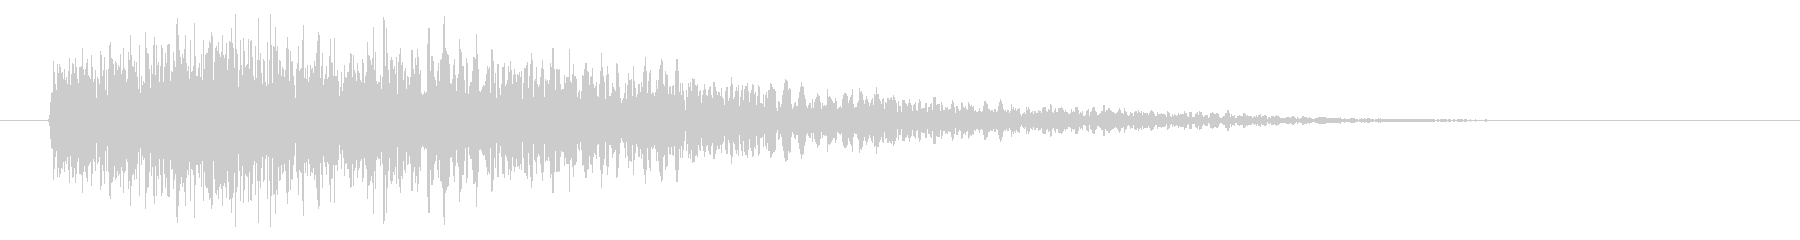 ディープエアリーロングテールによる...の未再生の波形